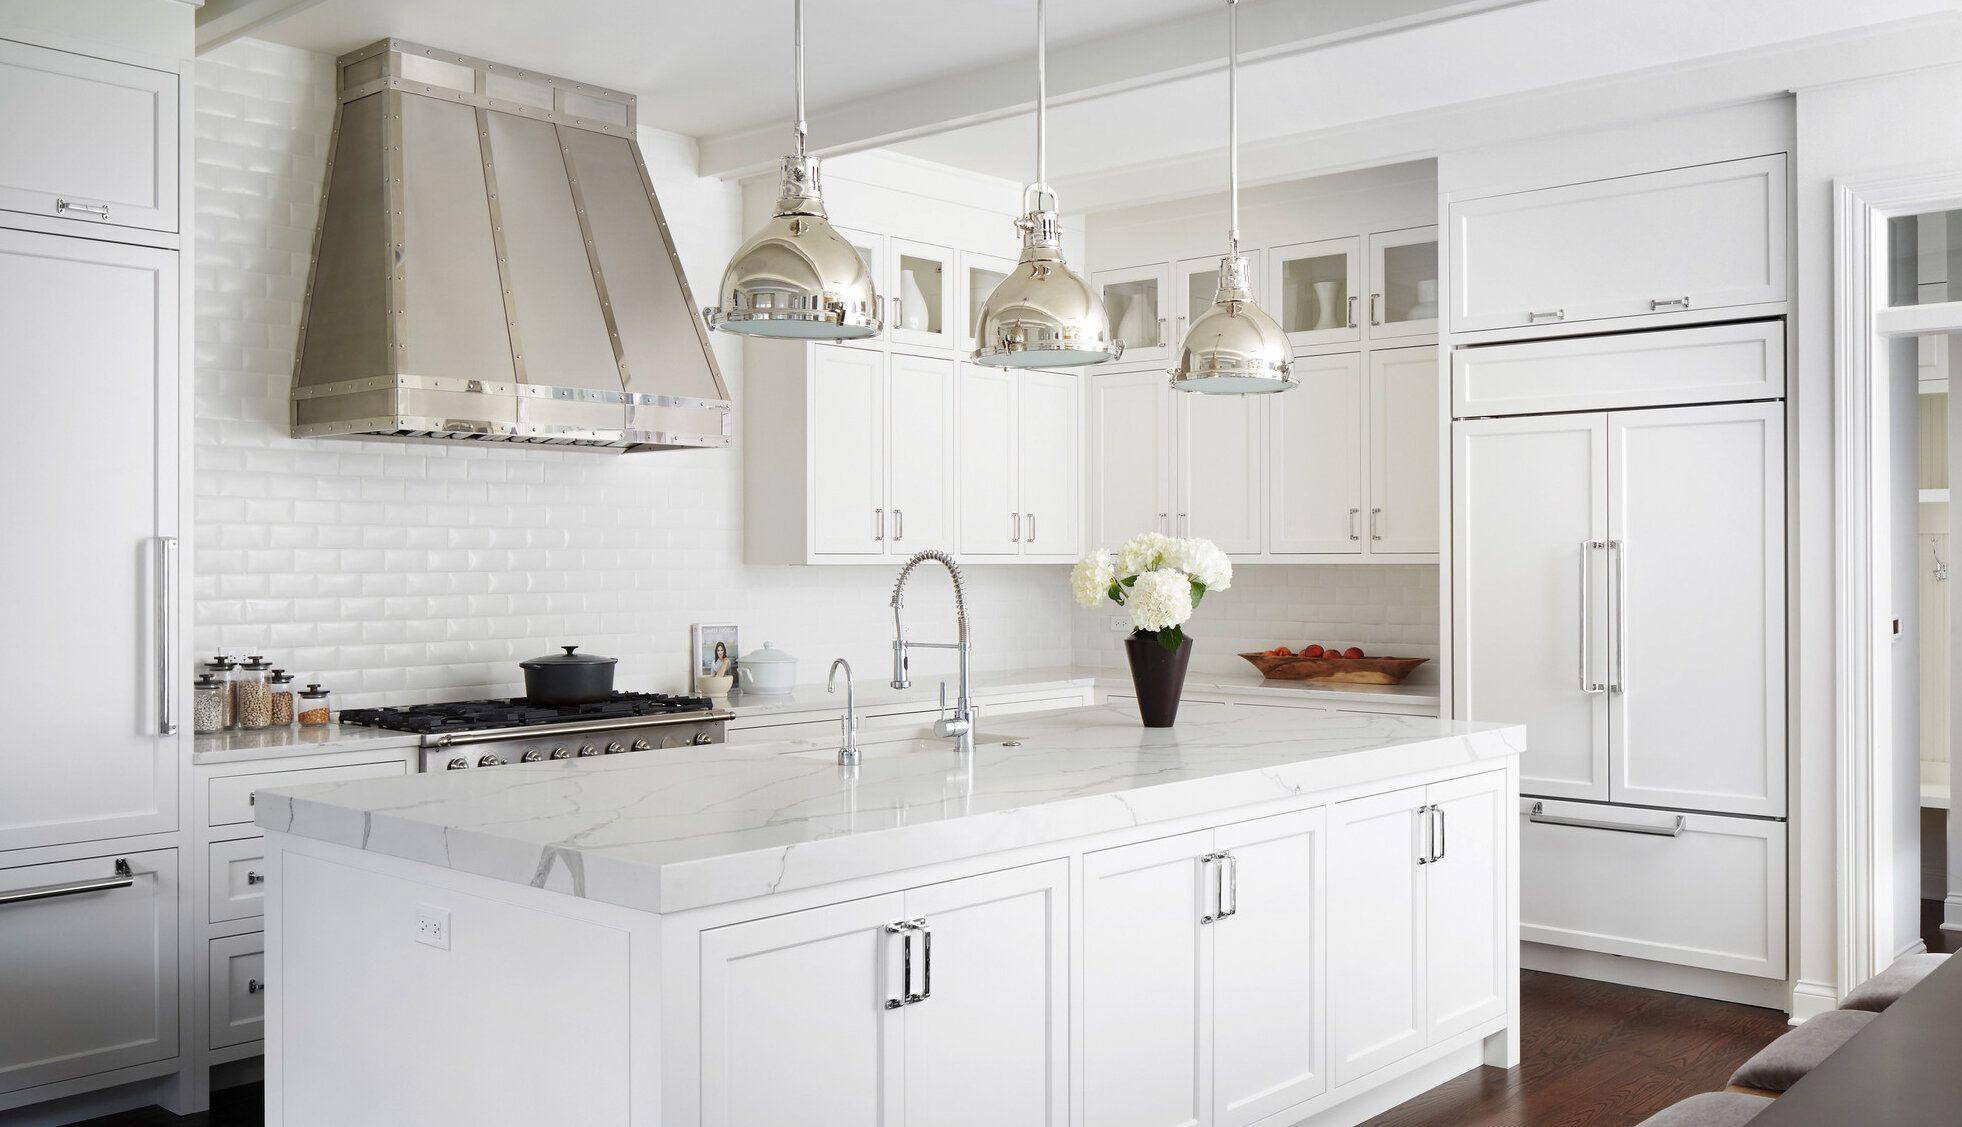 13 Brilliant Small Kitchen Storage Ideas Wayfair In 2020 White Shaker Kitchen Cabinets White Shaker Kitchen Kitchen Design